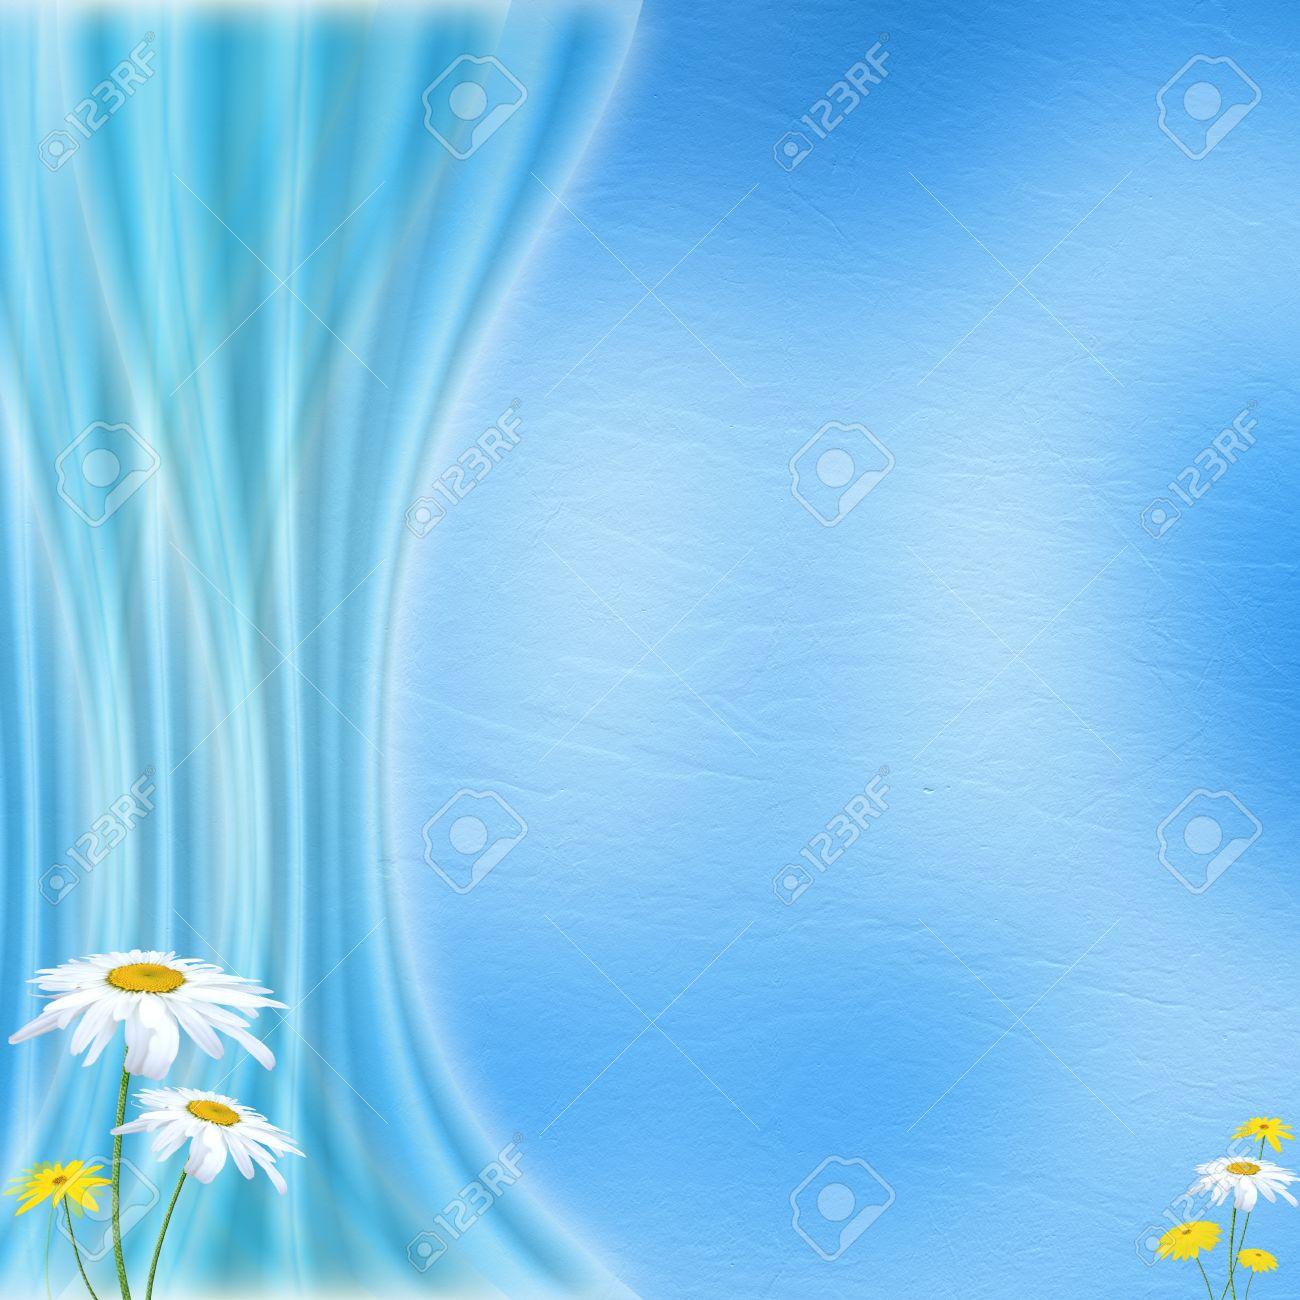 Délicat Fond Bleu Pastel Avec Rideau De Lumière Et De Fleurs Aux ...